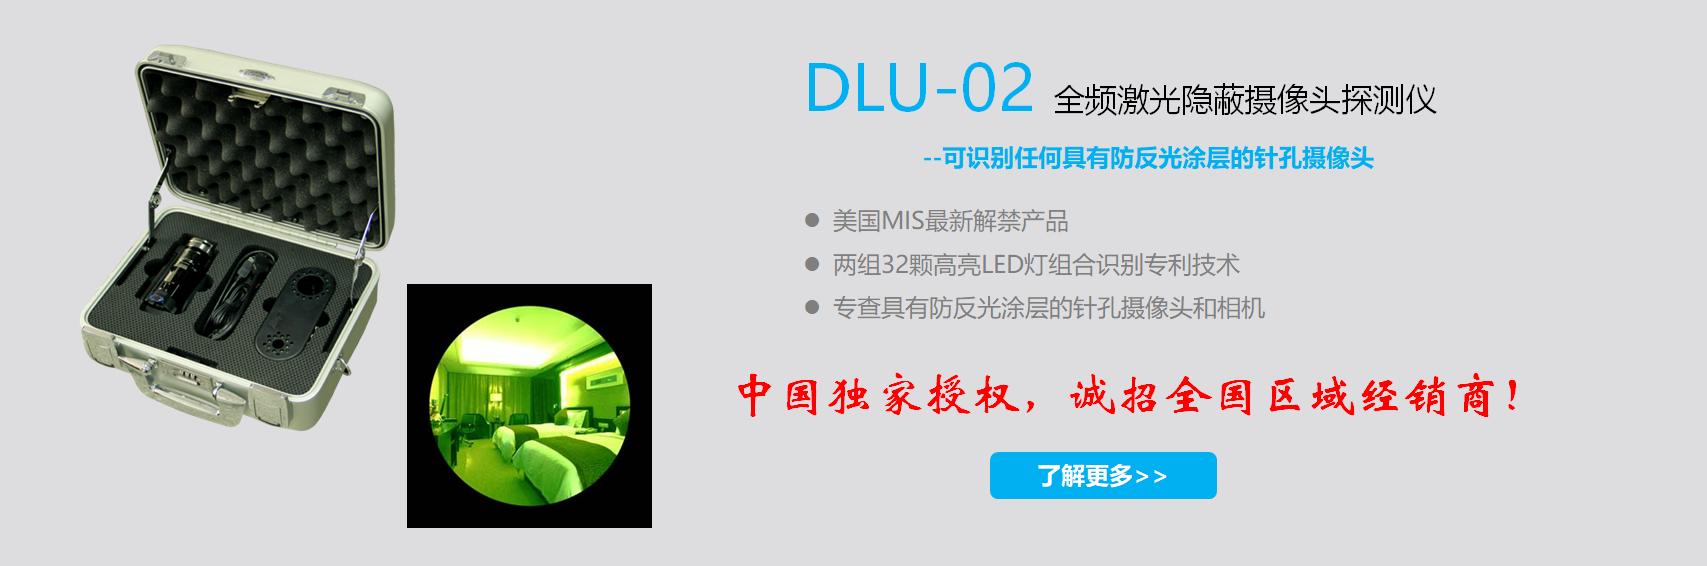 DLU-02 全频激光摄像头探测仪